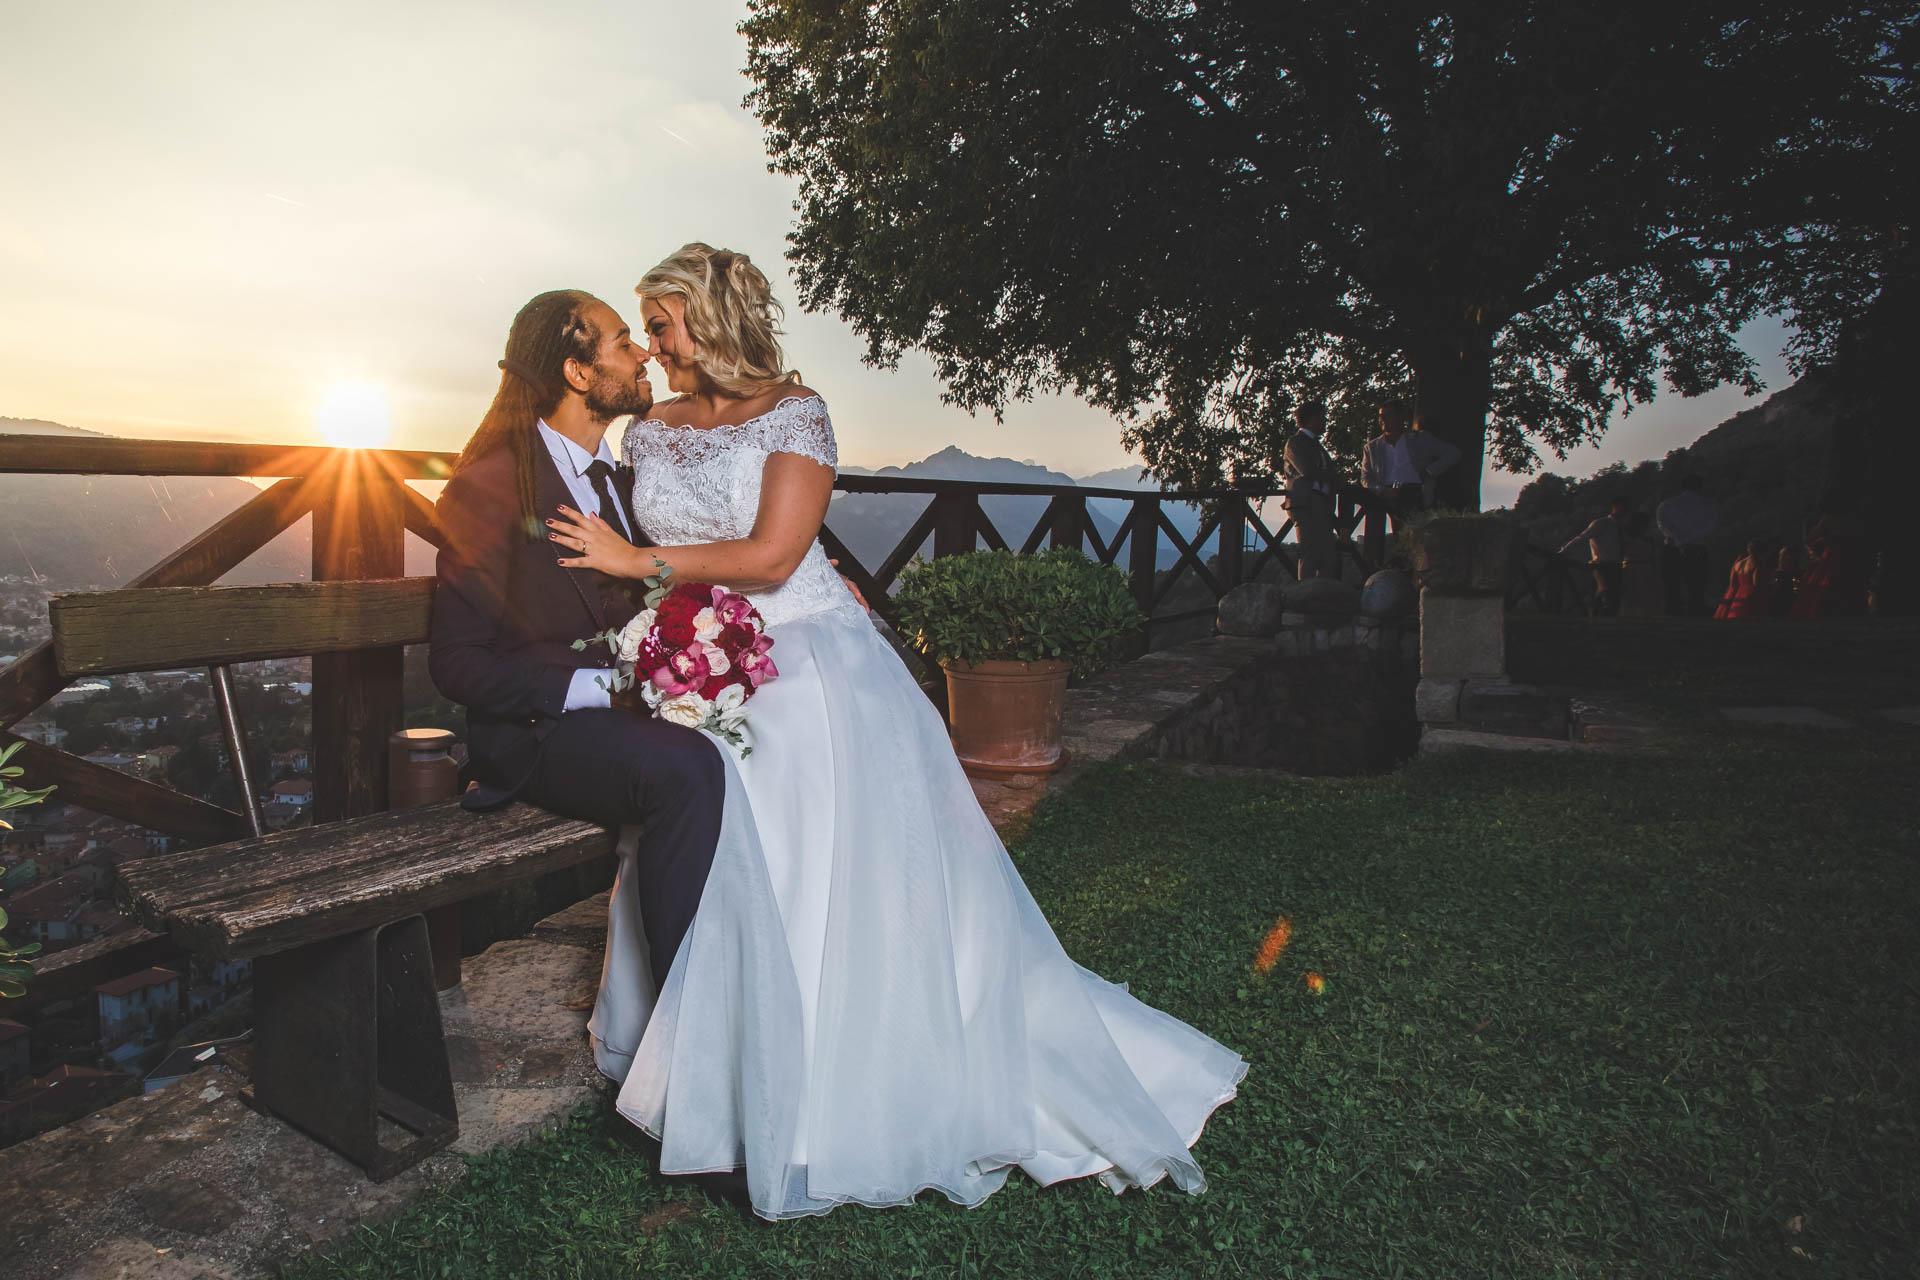 matrimonio sposi bacio